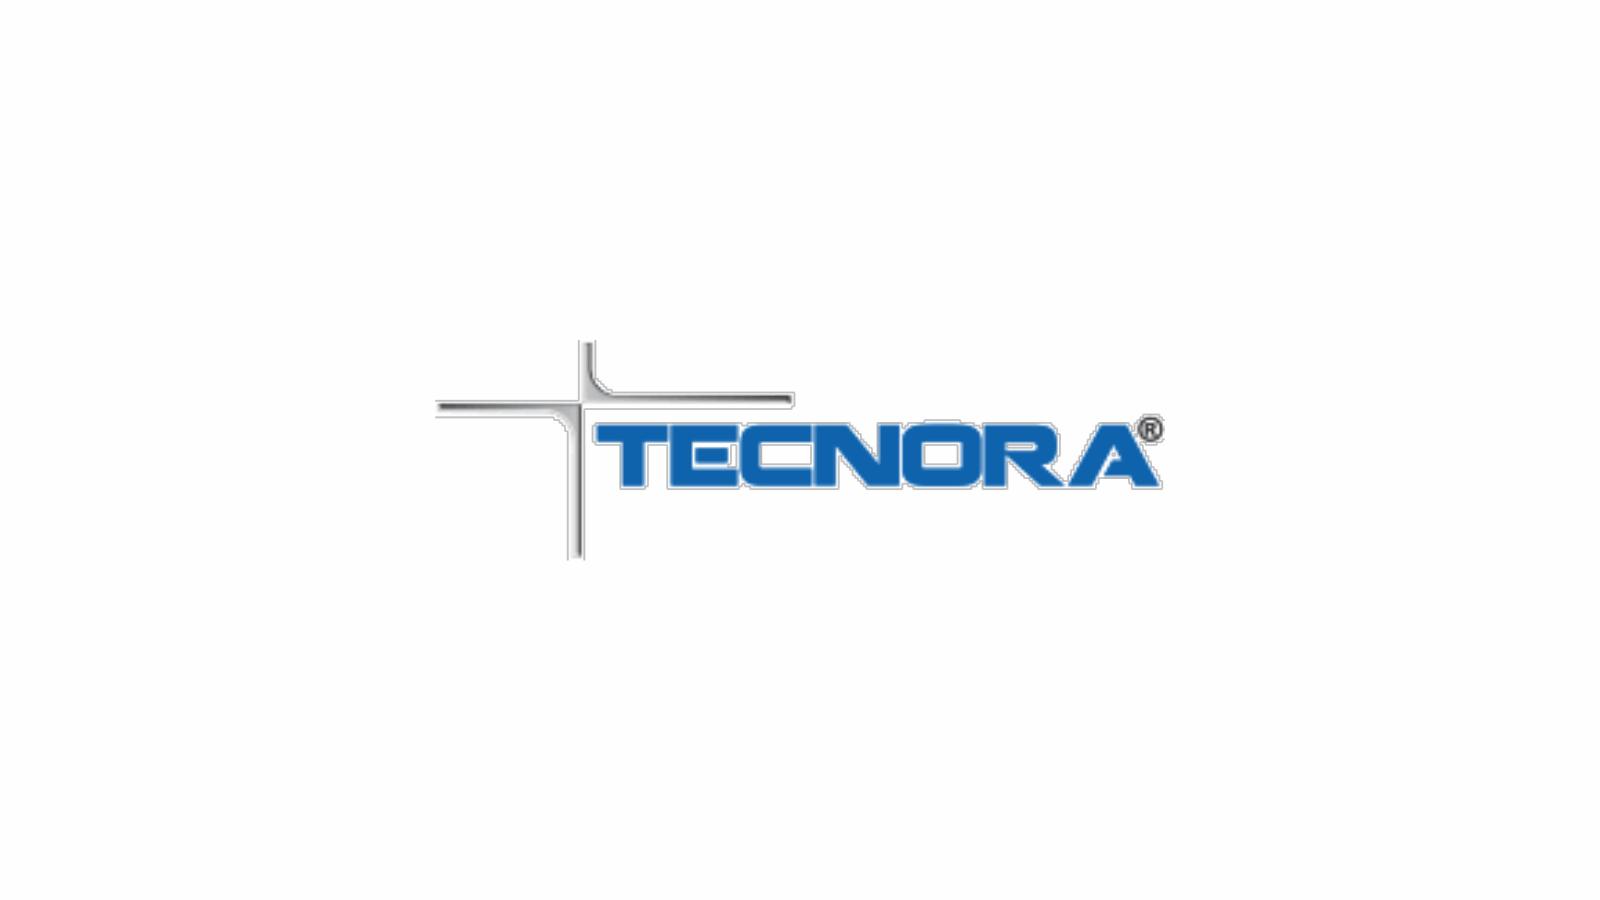 tecnora-customer-contact-center